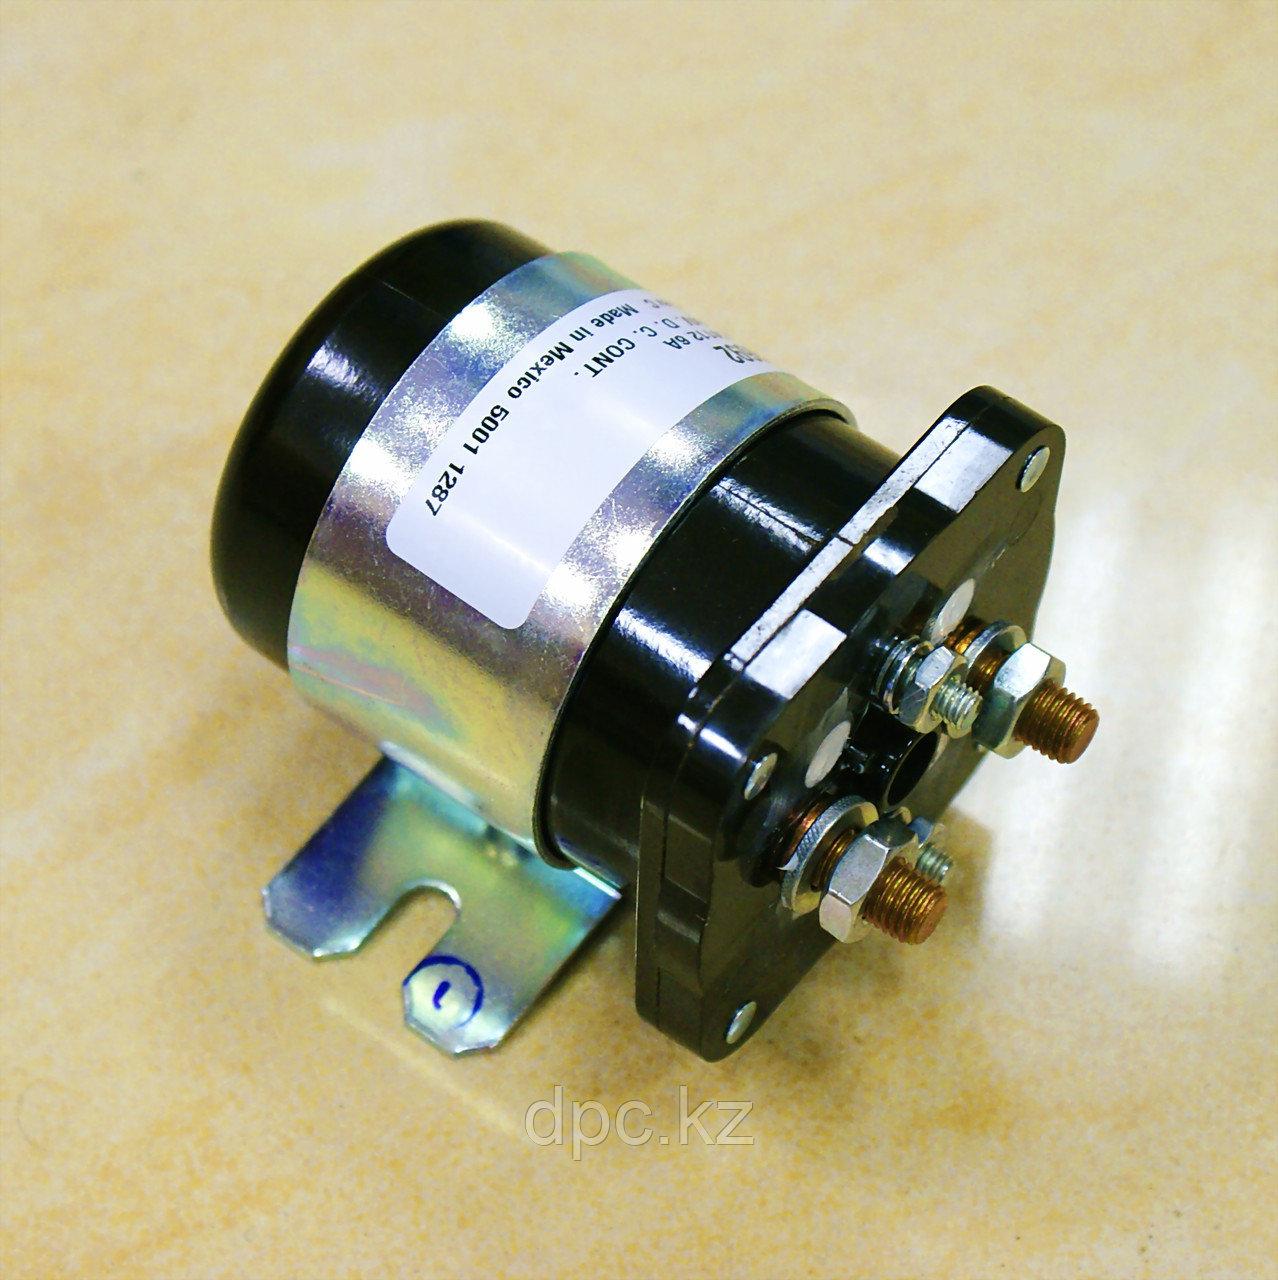 Электромагнитный выключатель (регулятор скорости; реле) Cummins NT 3050692 216537 158531